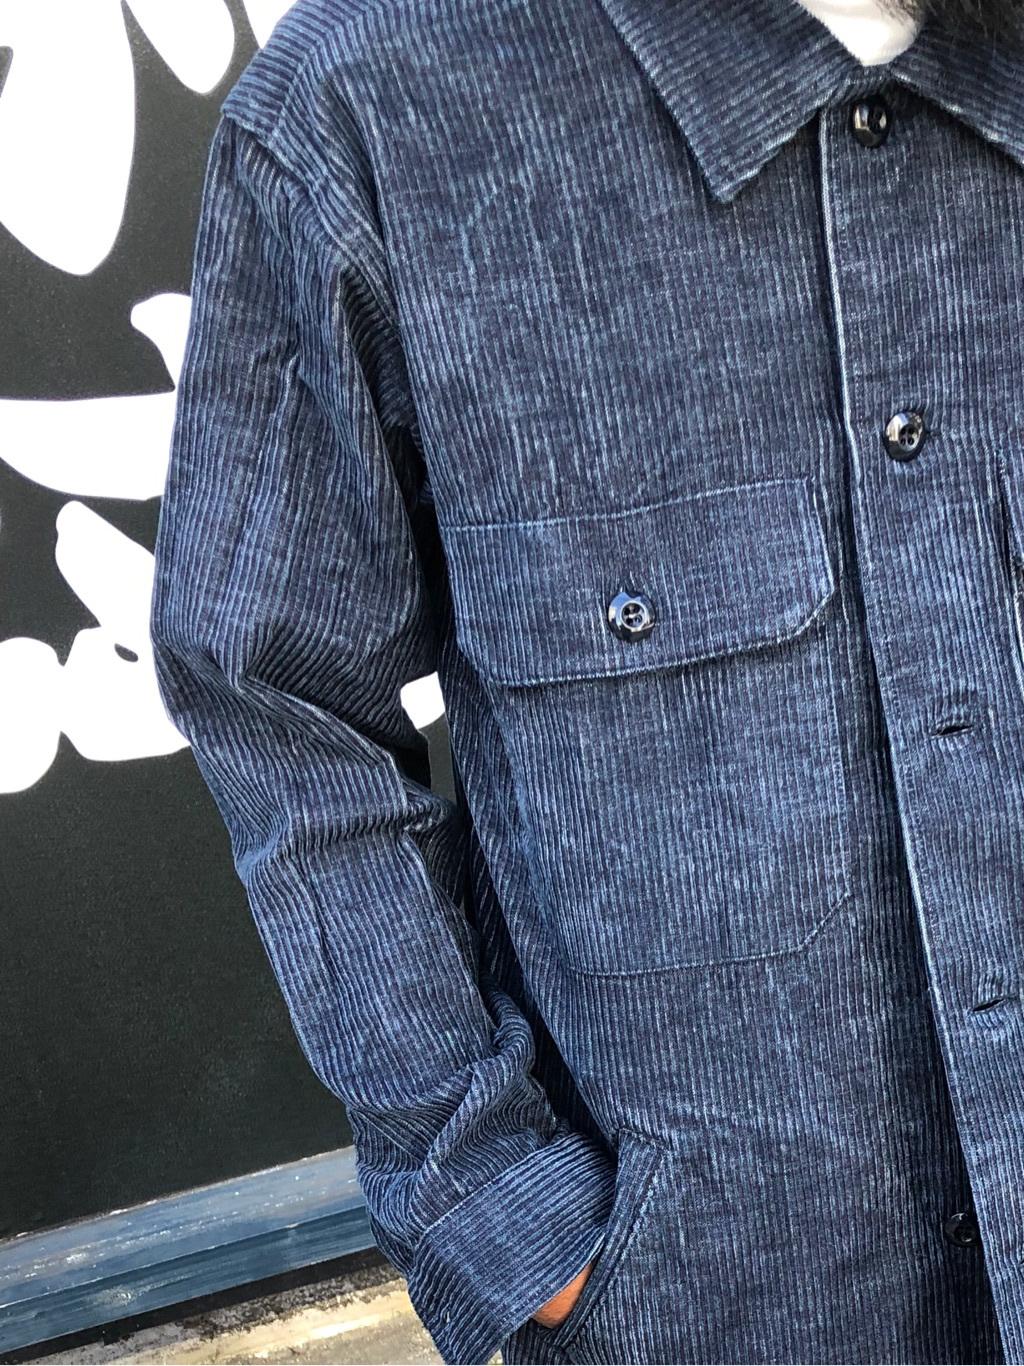 MINAMIHORIE店のカワノショウタさんのEDWINの【コンセプトショップ限定】INDIGO GARMENTS FATIGUE JACKETを使ったコーディネート